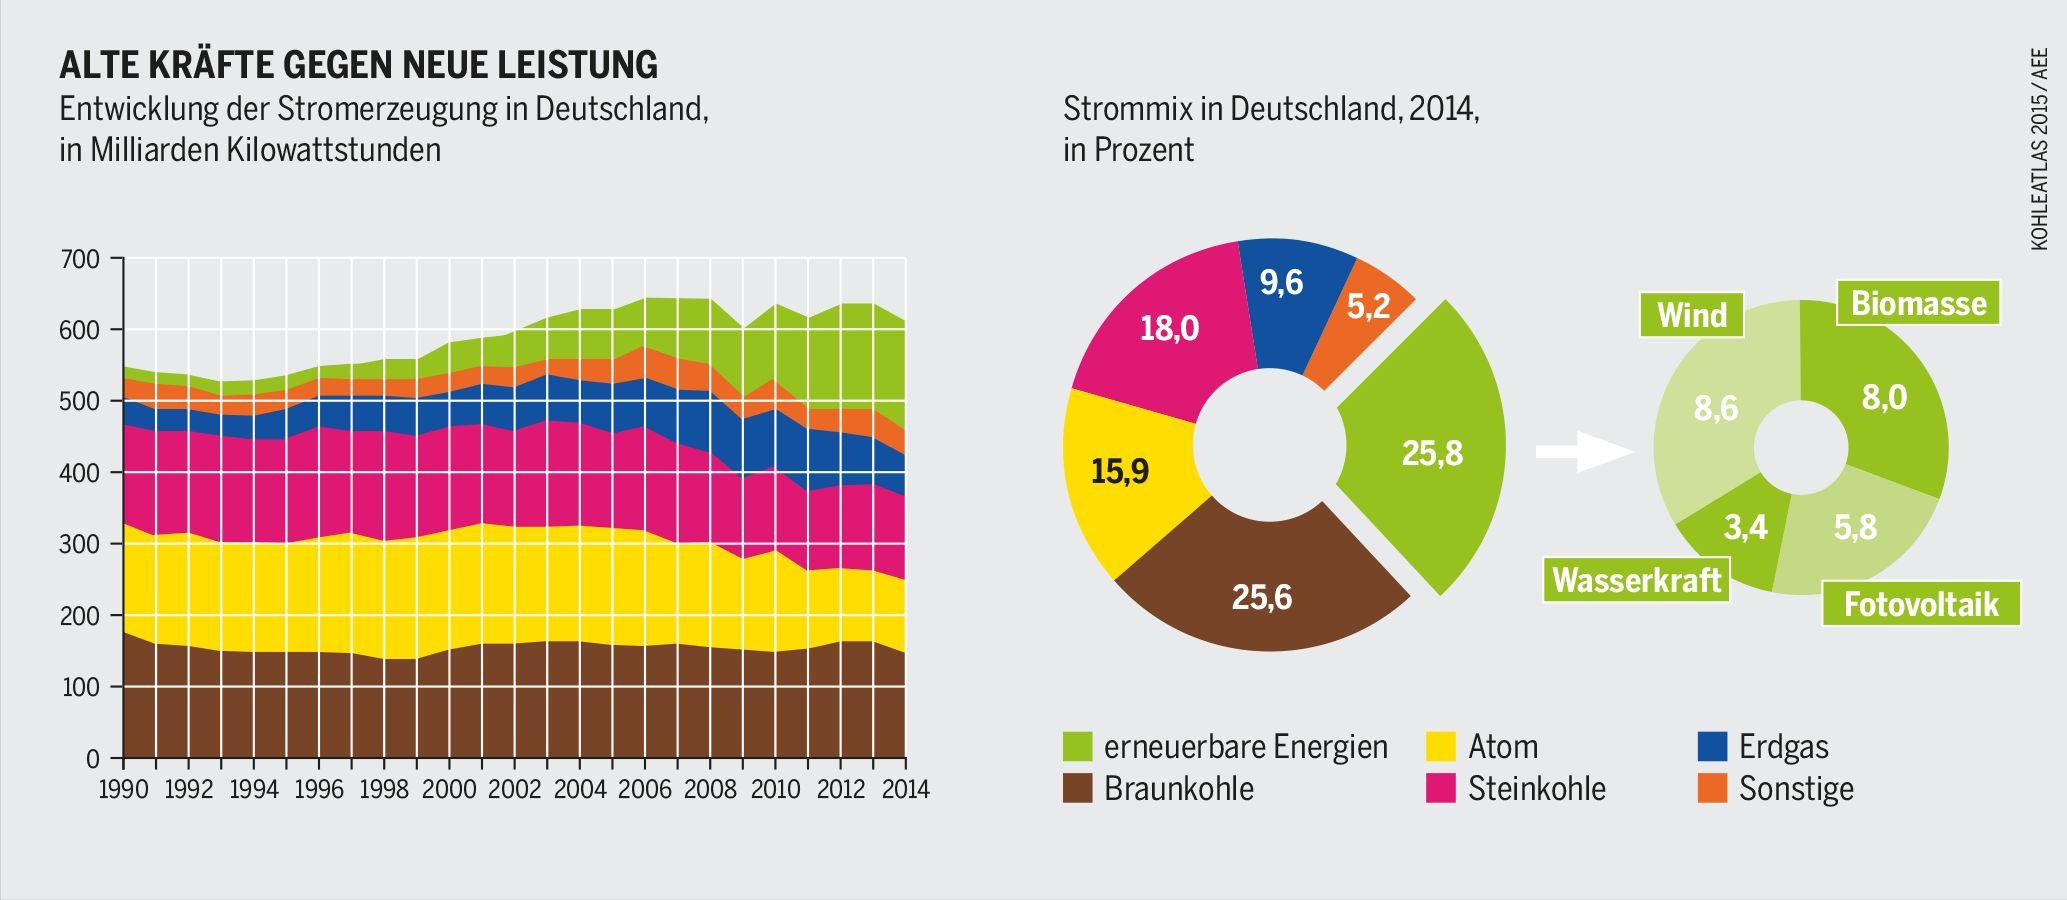 Energiewende Erneuerbare Unter Strom Heinrich Böll Stiftung